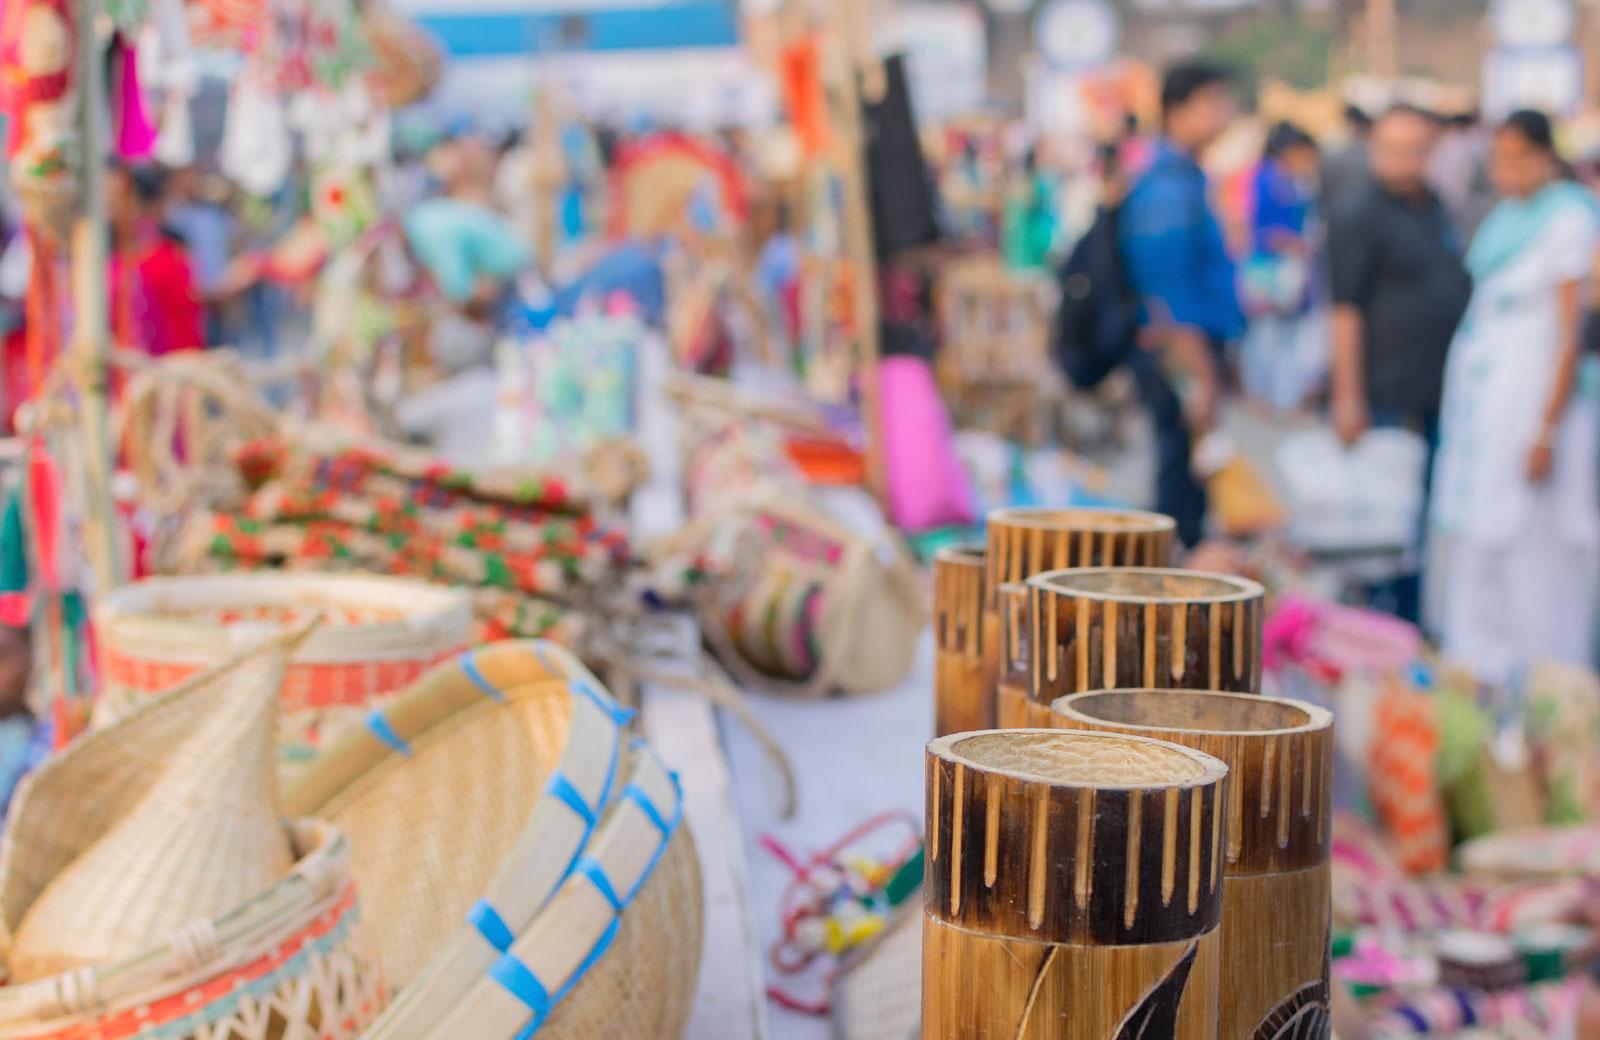 artifacts in an art fair